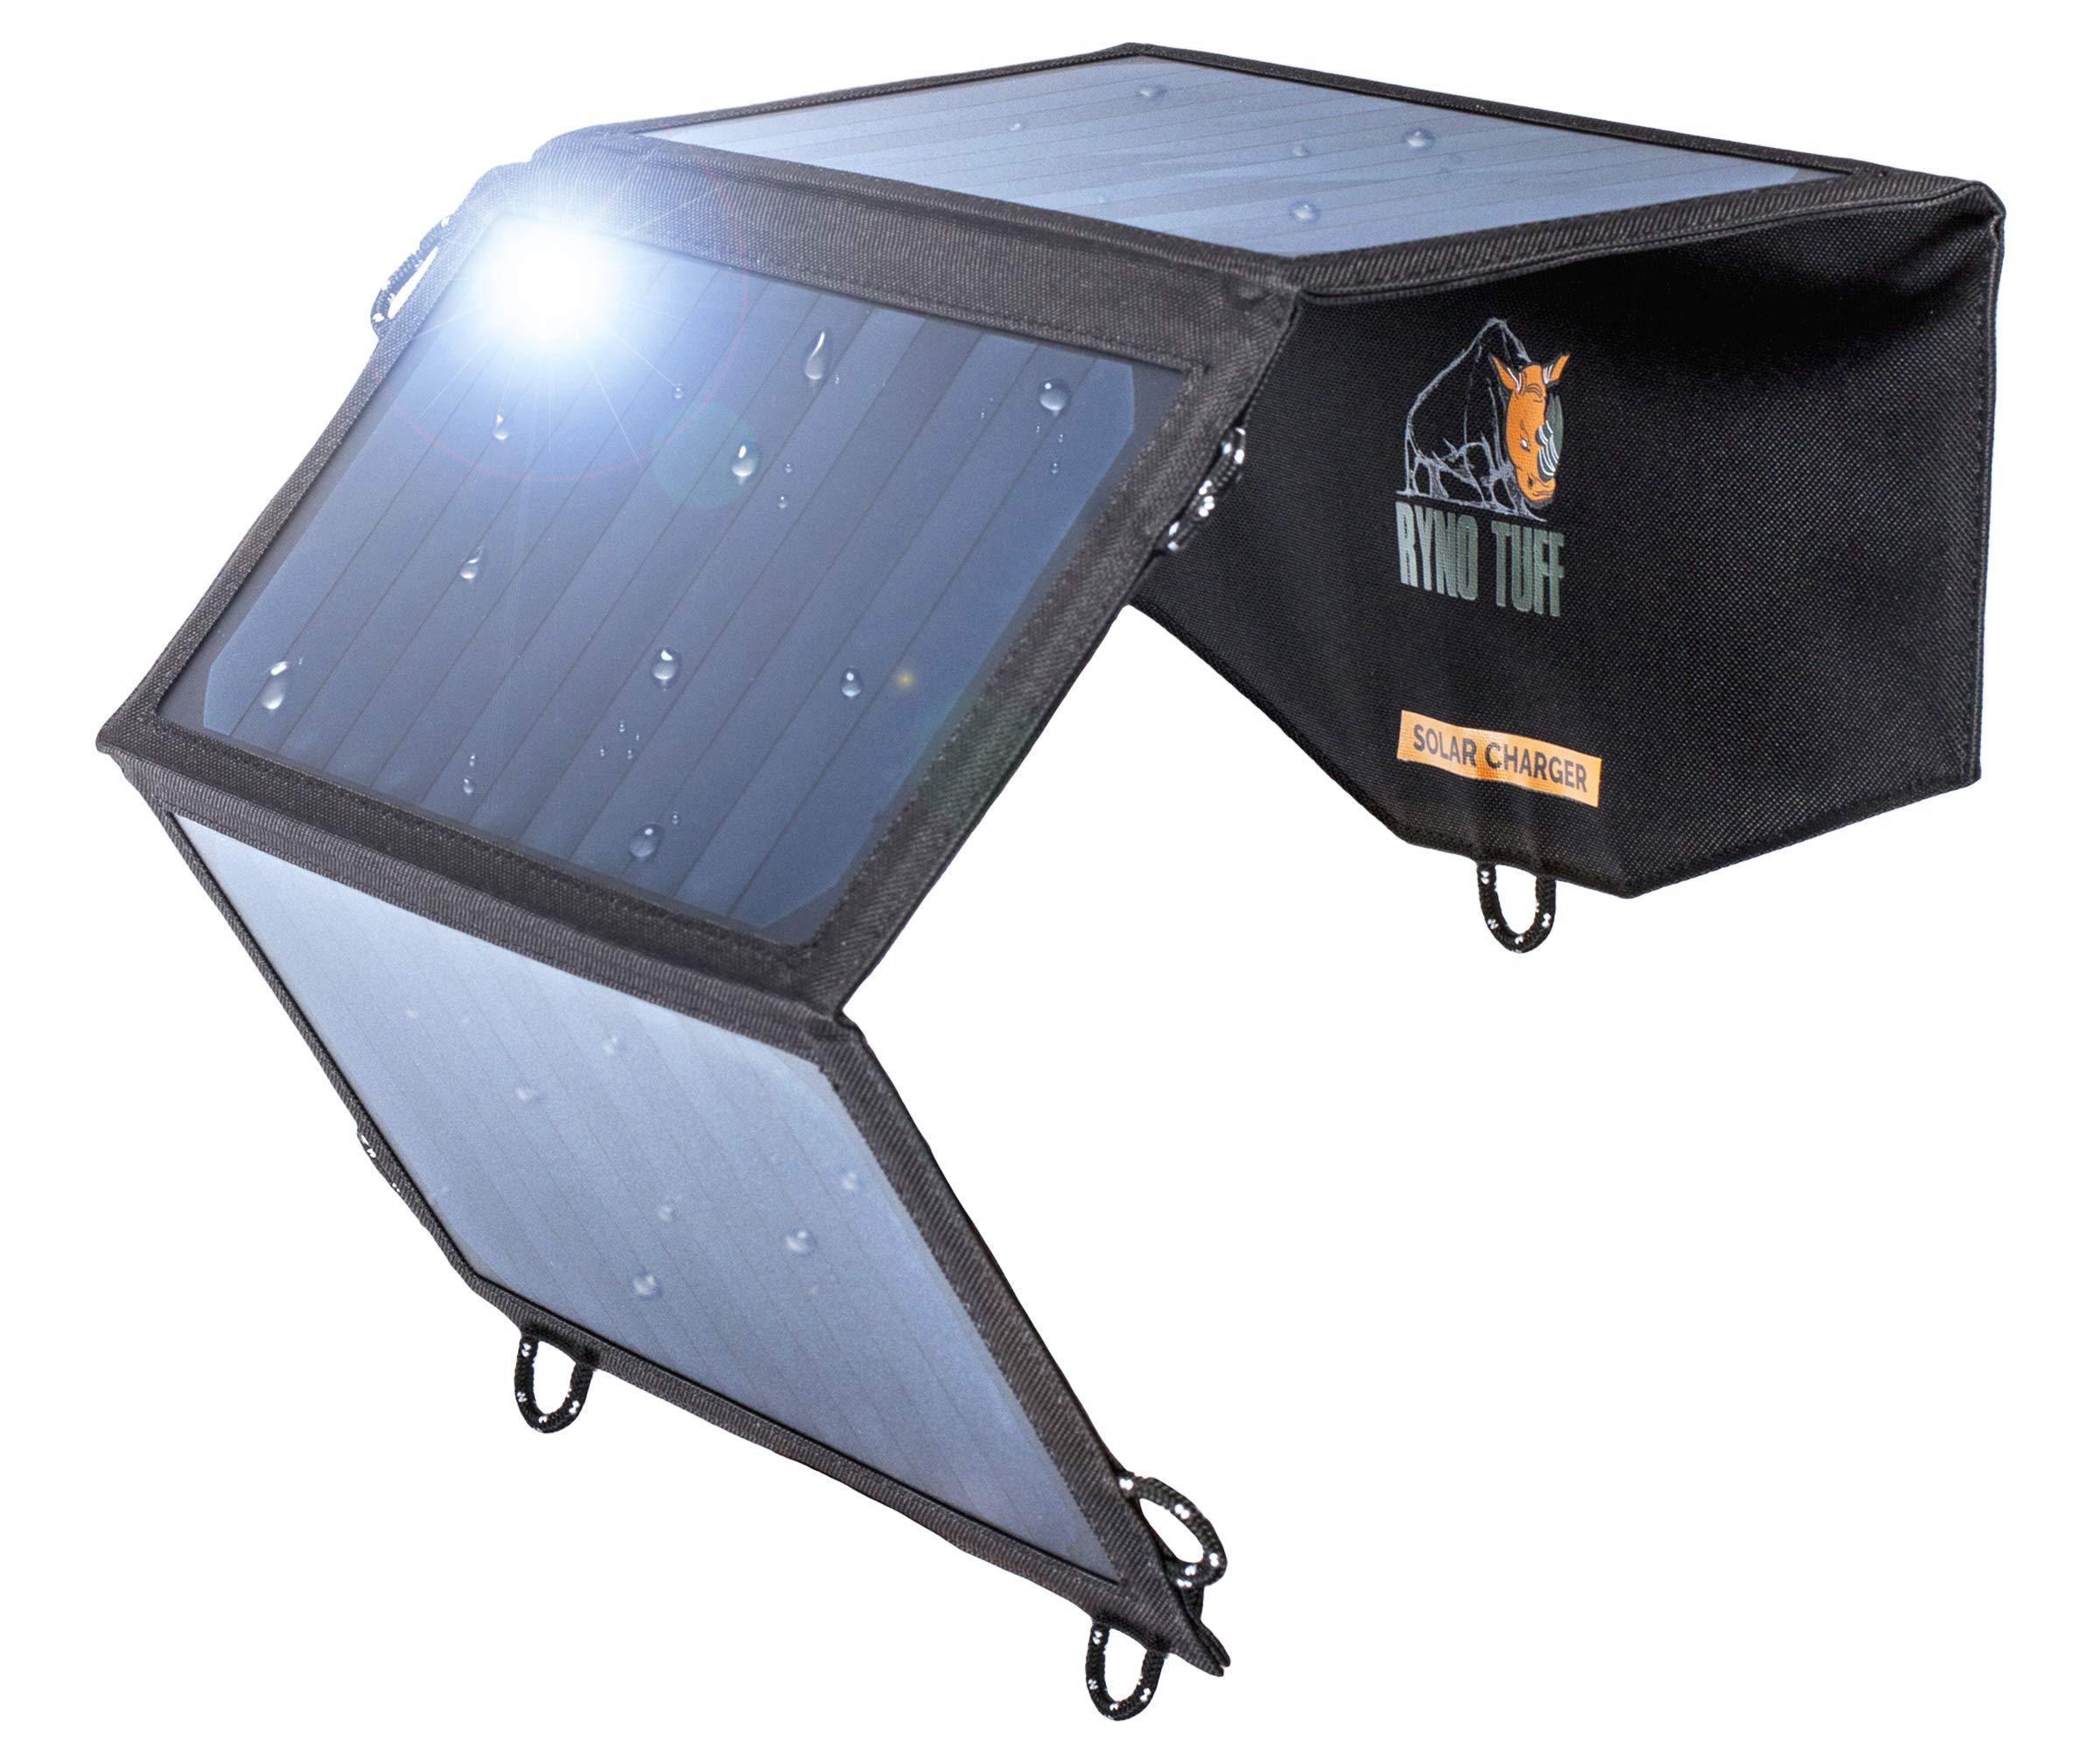 Cargador Solar Portatil de 21 Watts de Salida RYNO TUFF